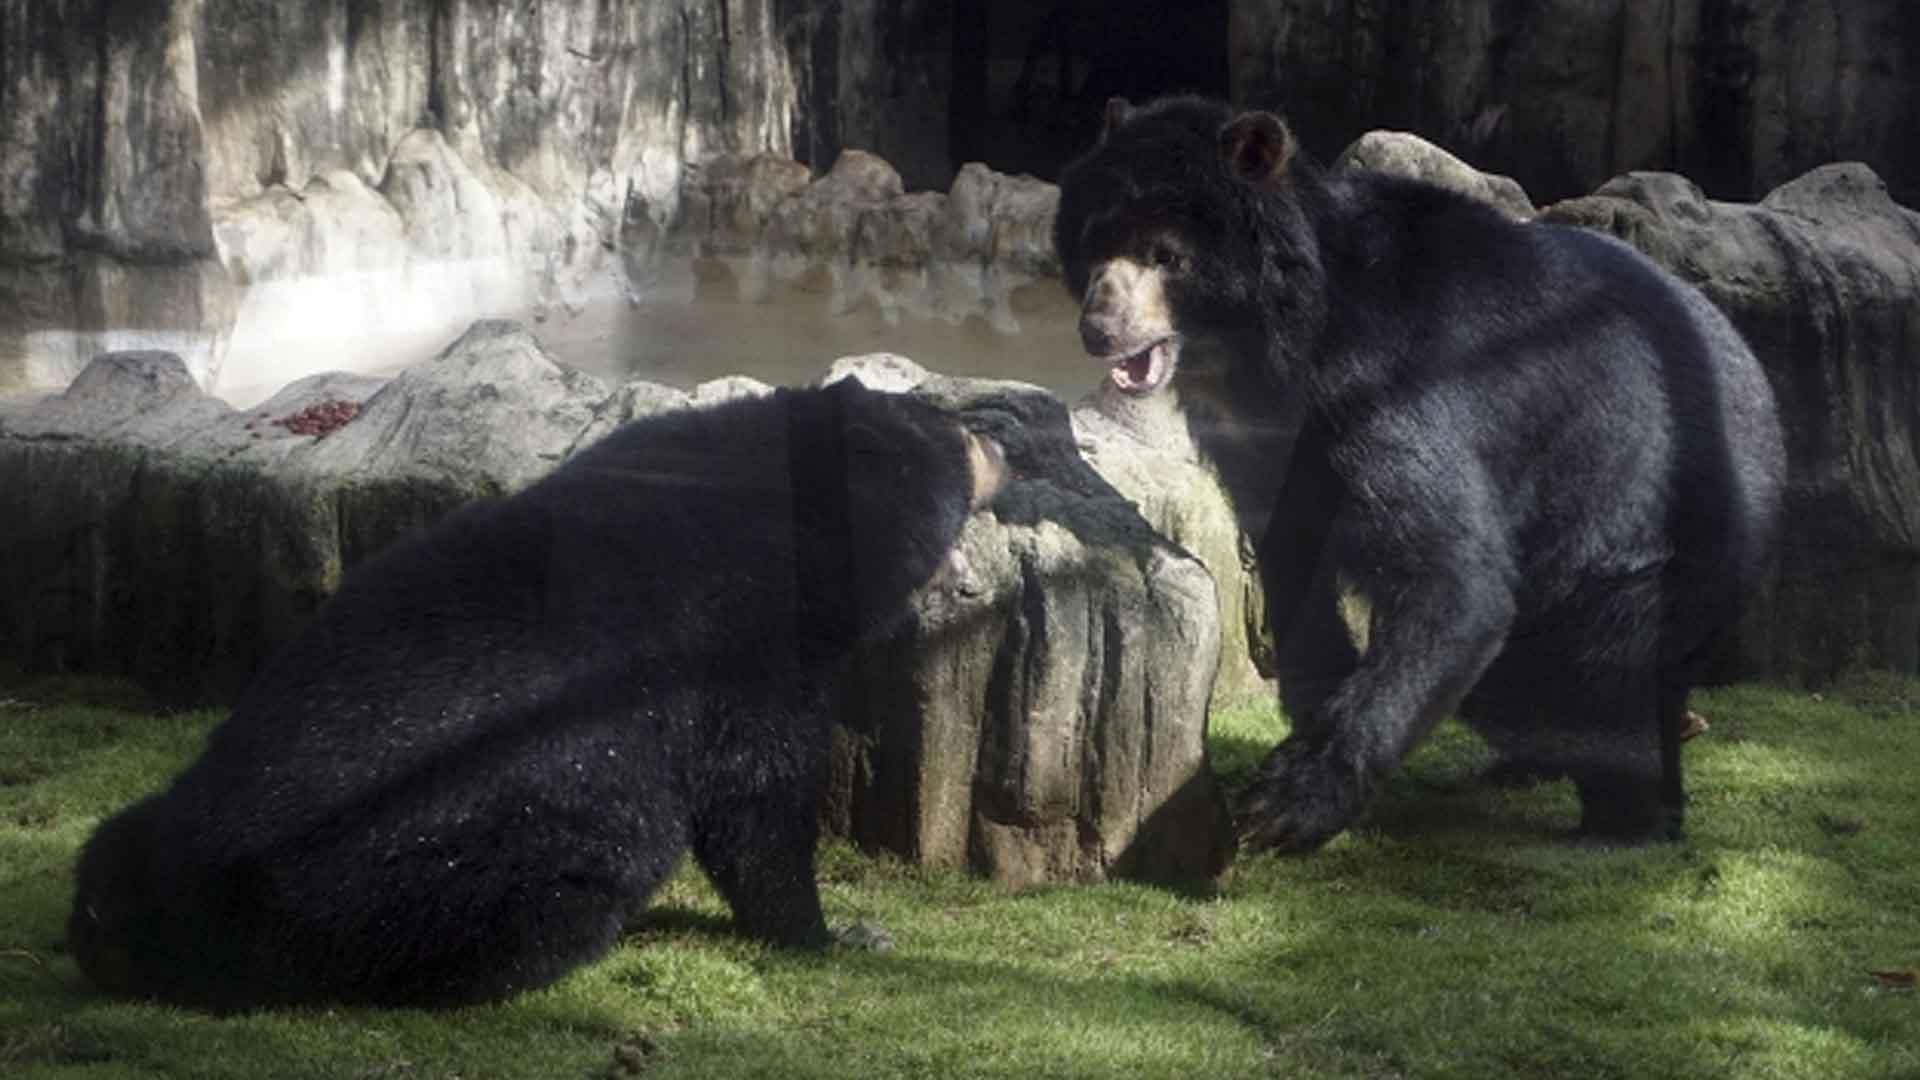 Zoologico De Barranquilla Dice Que El Oso Chucho Esta En Su Mejor Momento